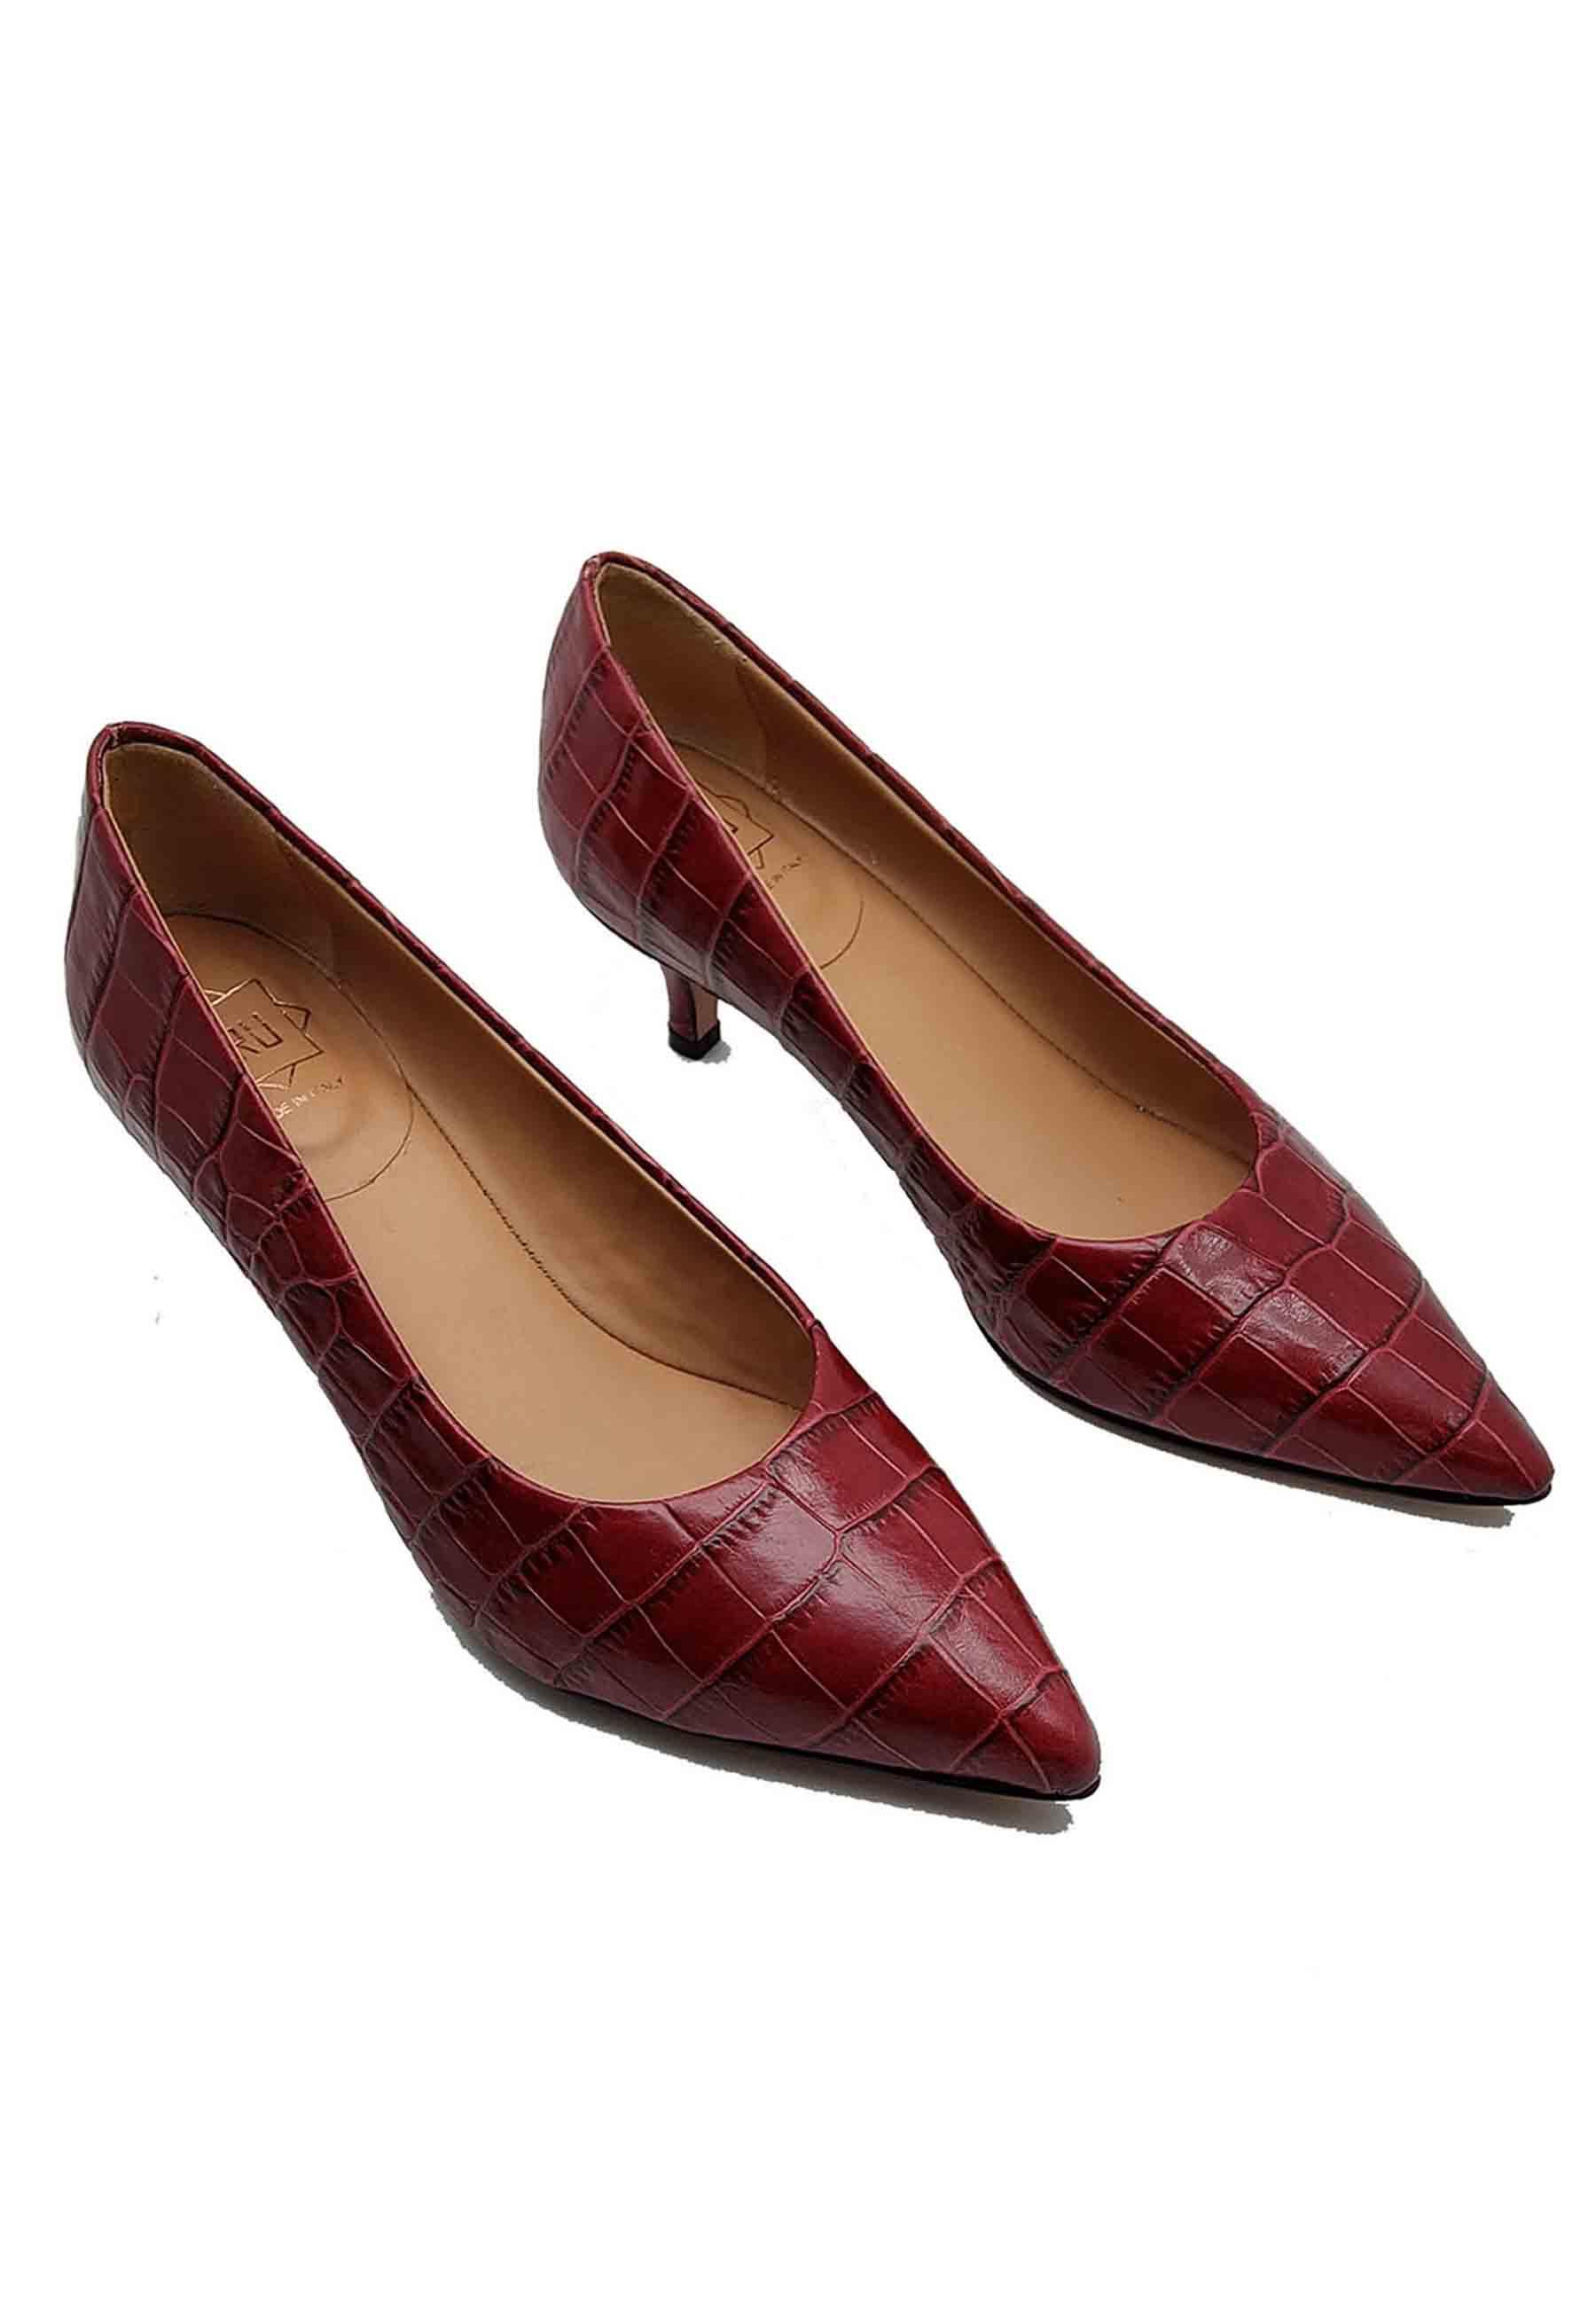 Women's Low Heel Décolleté Fru | Pumps | 5201SROSSO